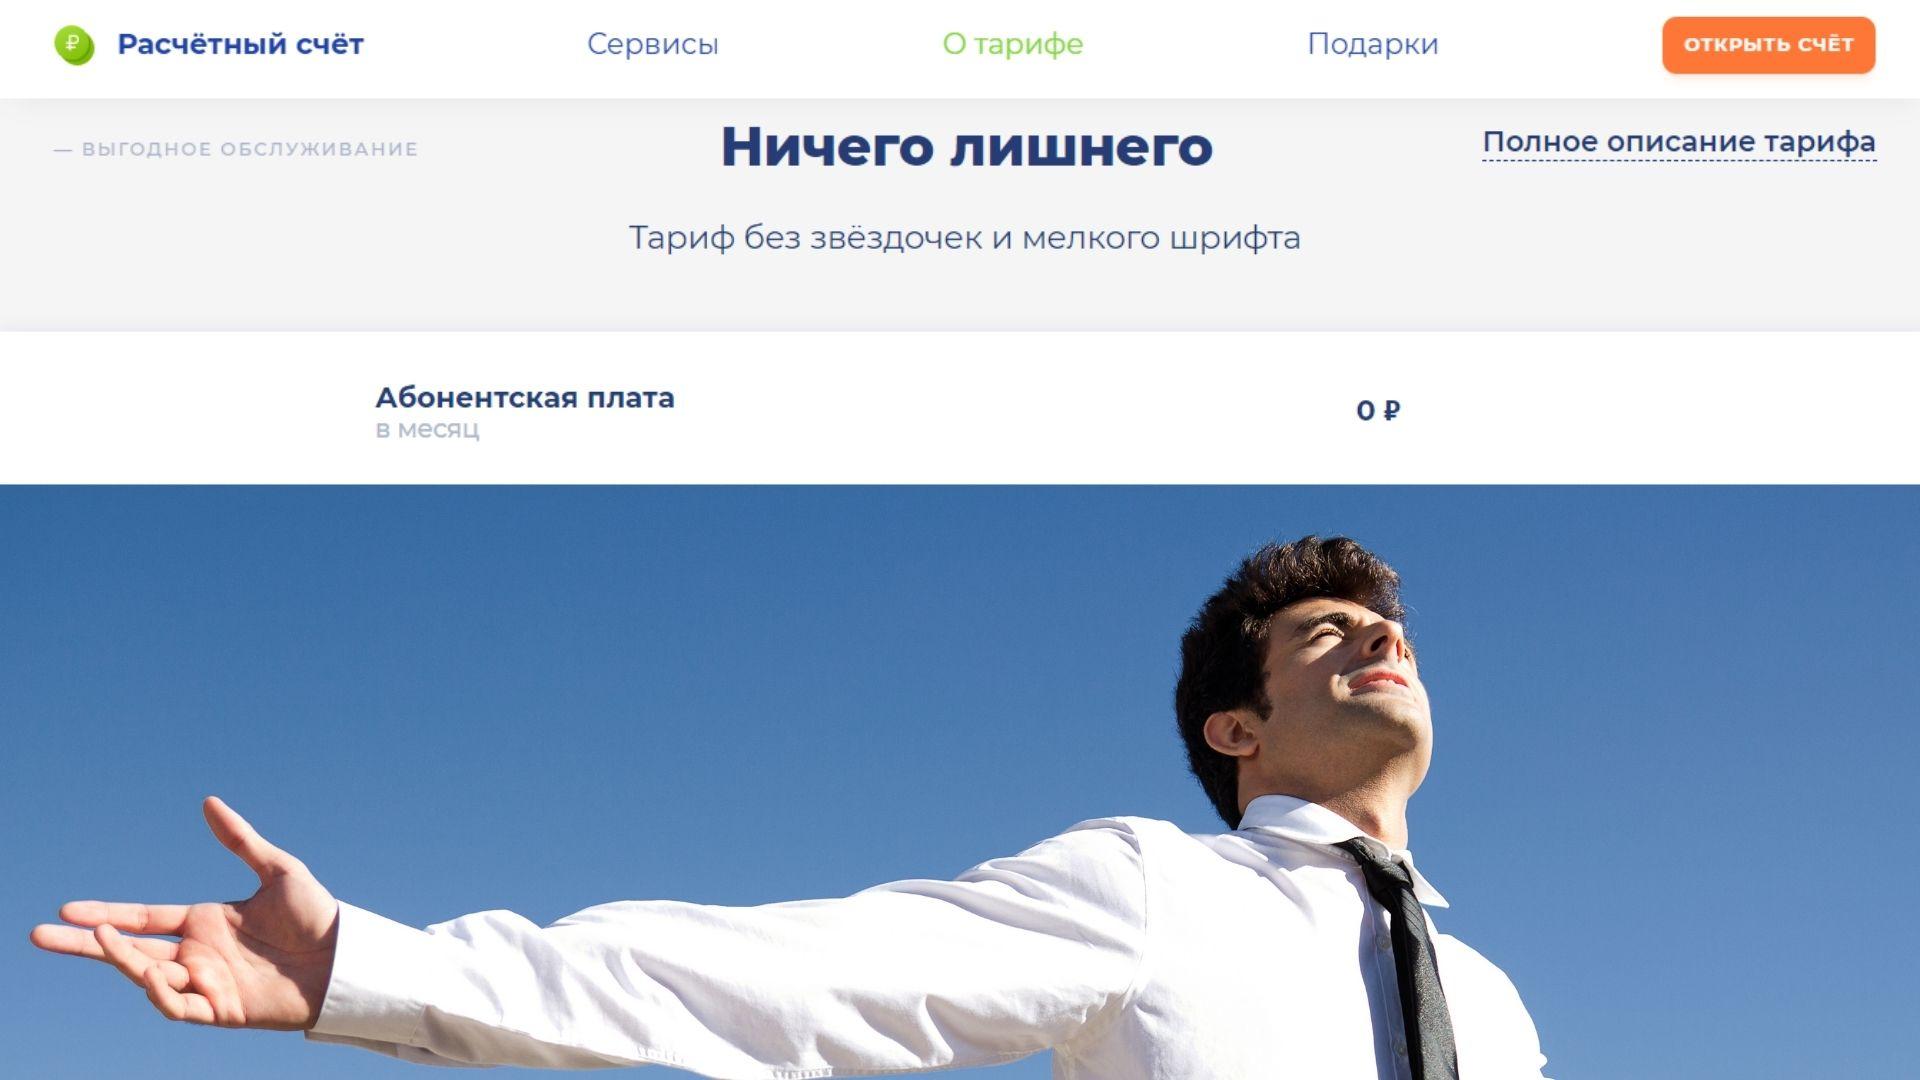 Тариф РКО для ИП и ООО в Модуль Банке Ничего лишнего